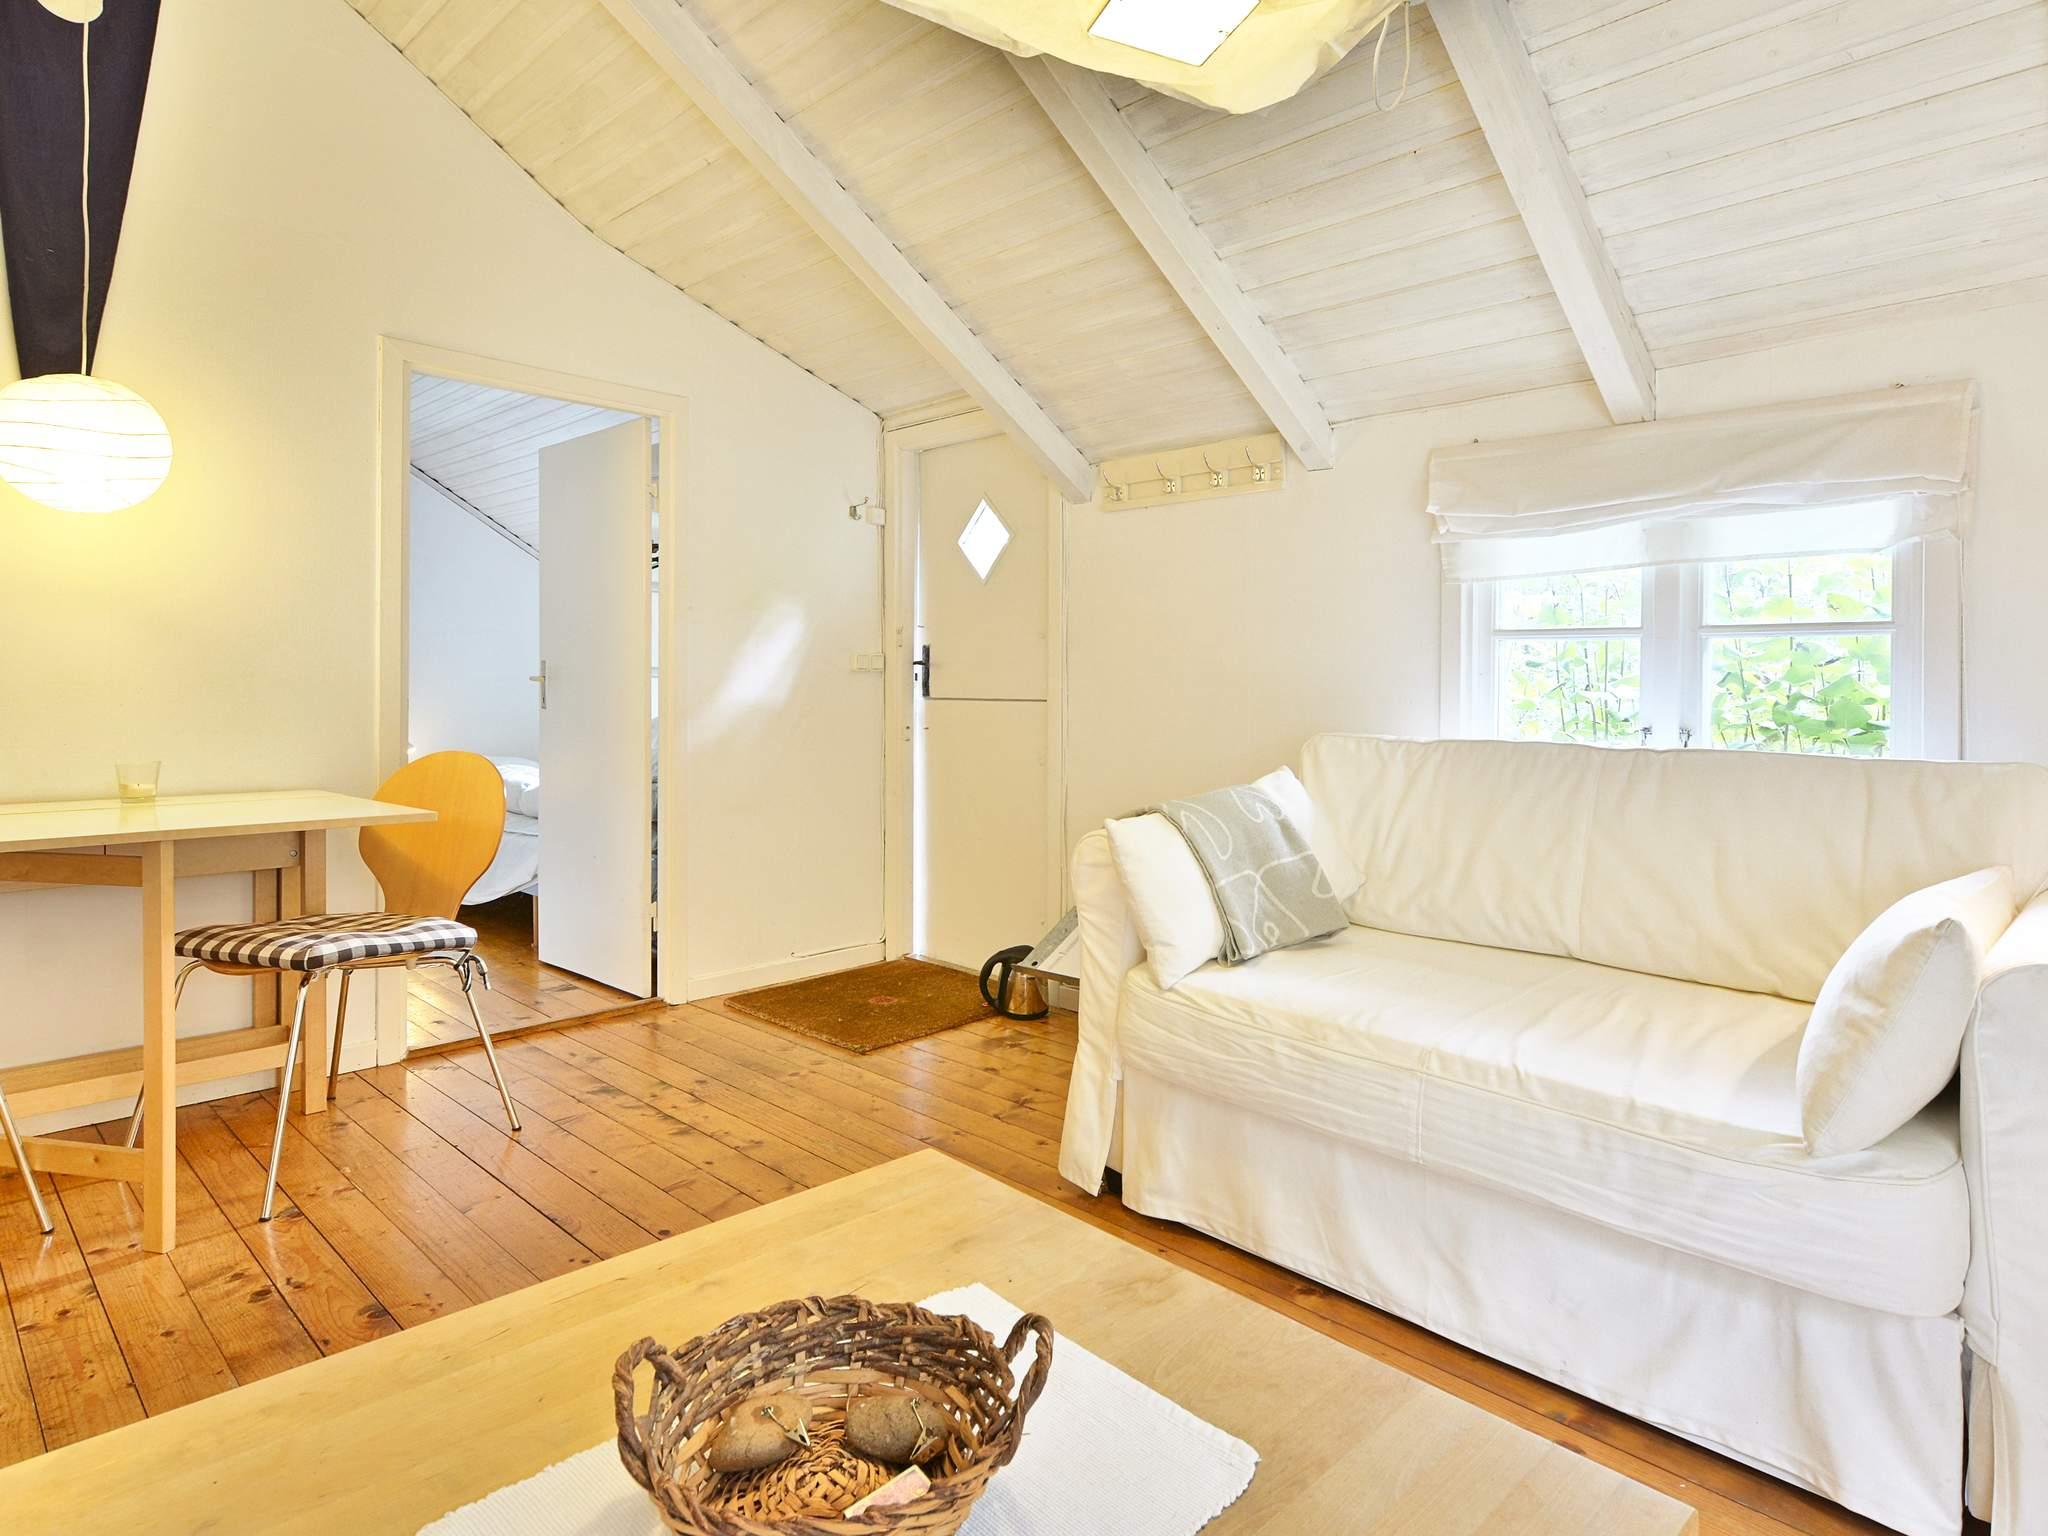 Ferienhaus Belganet (86864), Hallabro, Blekinge län, Südschweden, Schweden, Bild 6